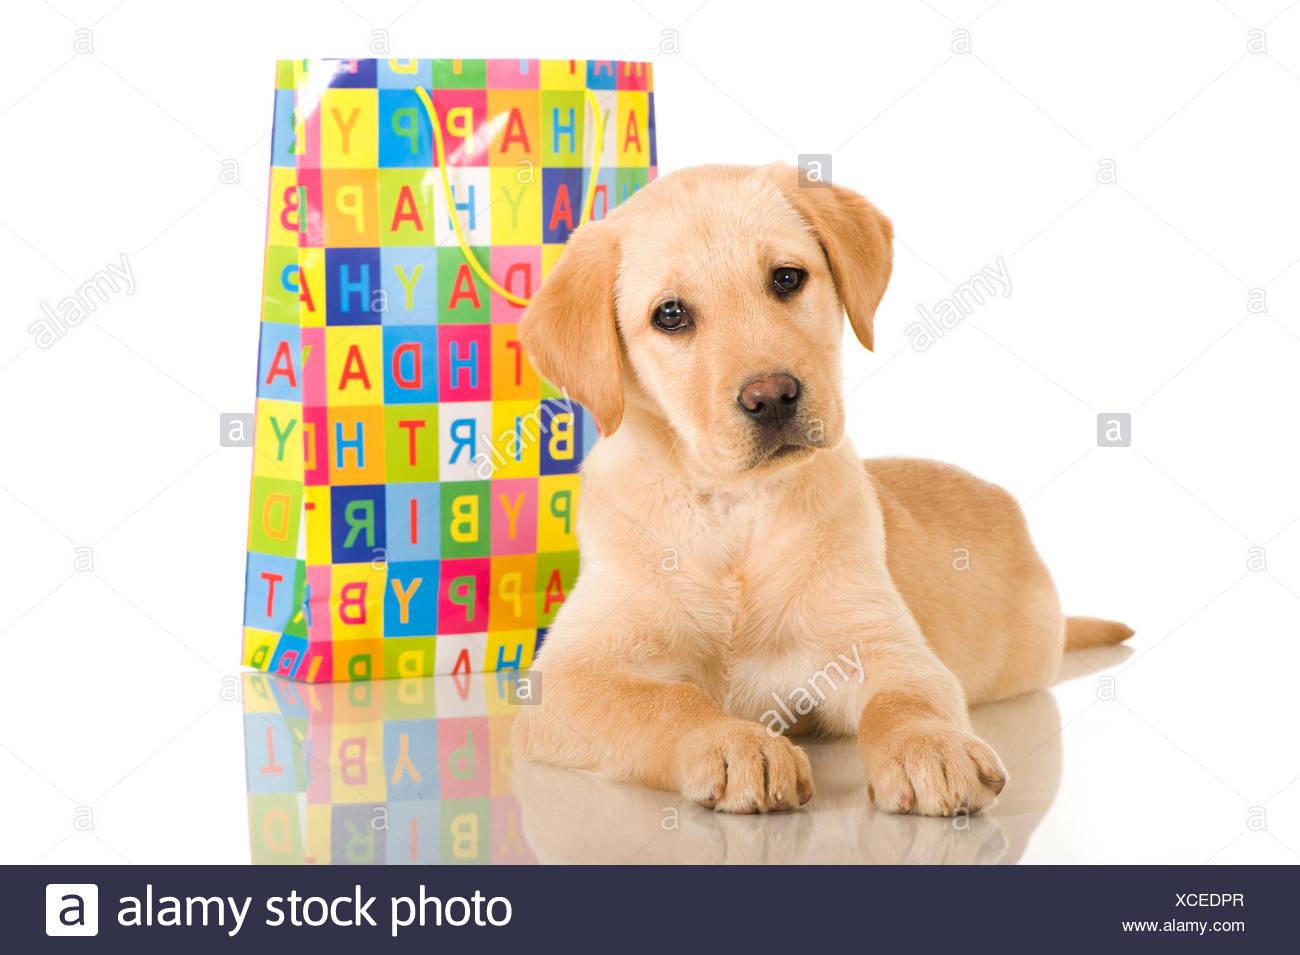 Gelber Labrador Retriever Welpen Liegen Neben Bunten Papier Tragetasche Impressum Happy Birthday Stockbild